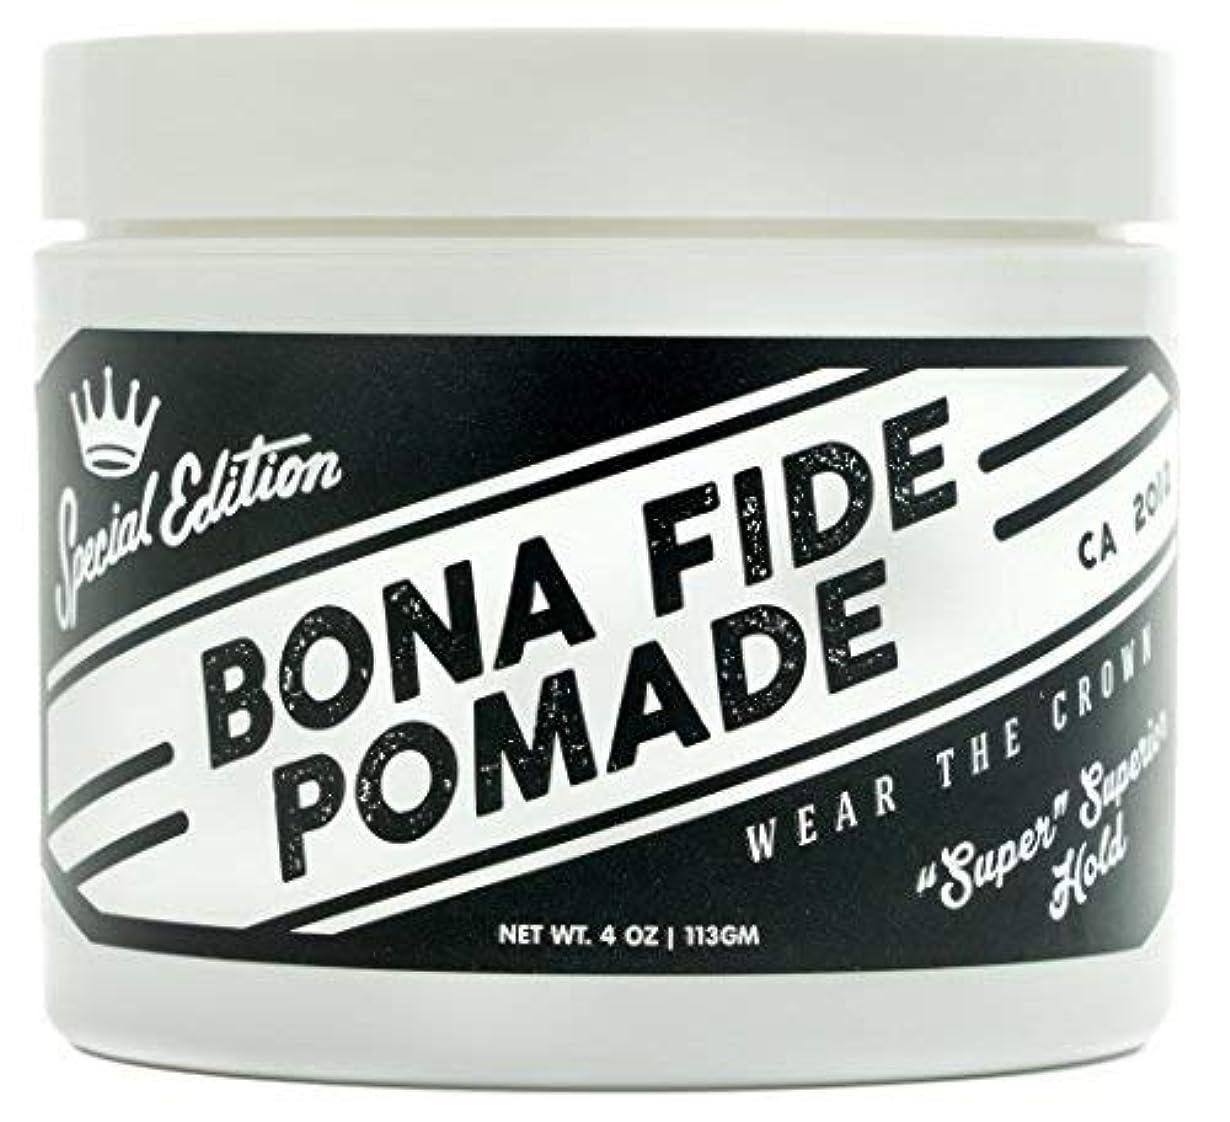 間束裁定ボナファイドポマード(BONA FIDE POMADE) スーパースーペリアホールドSE メンズ 整髪料 水性 ヘアグリース